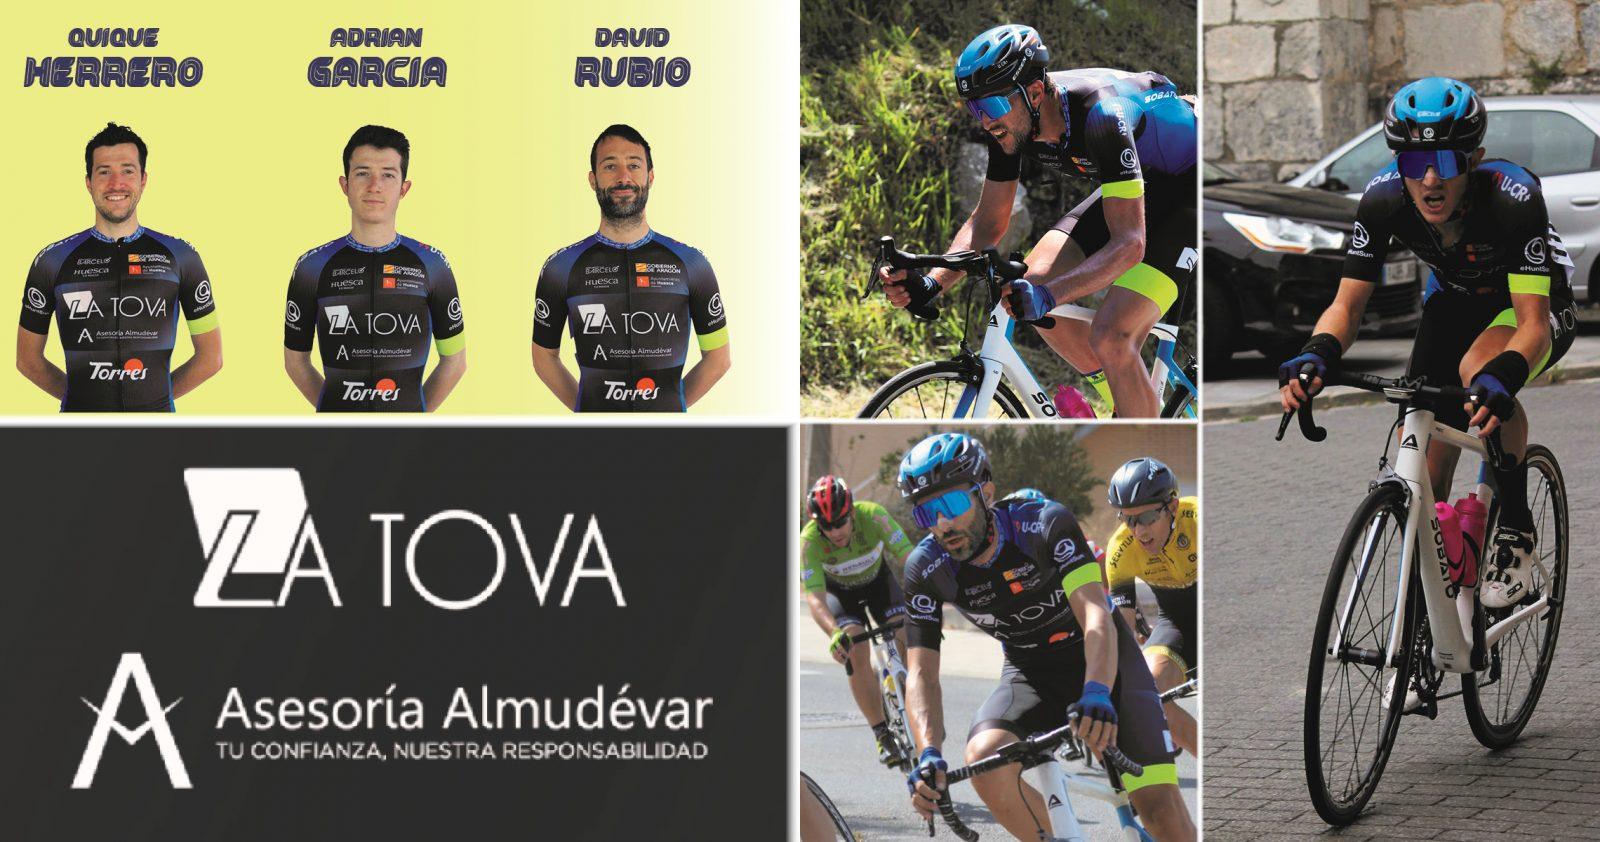 David Rubio Quique Herrero Adrián García La Tova